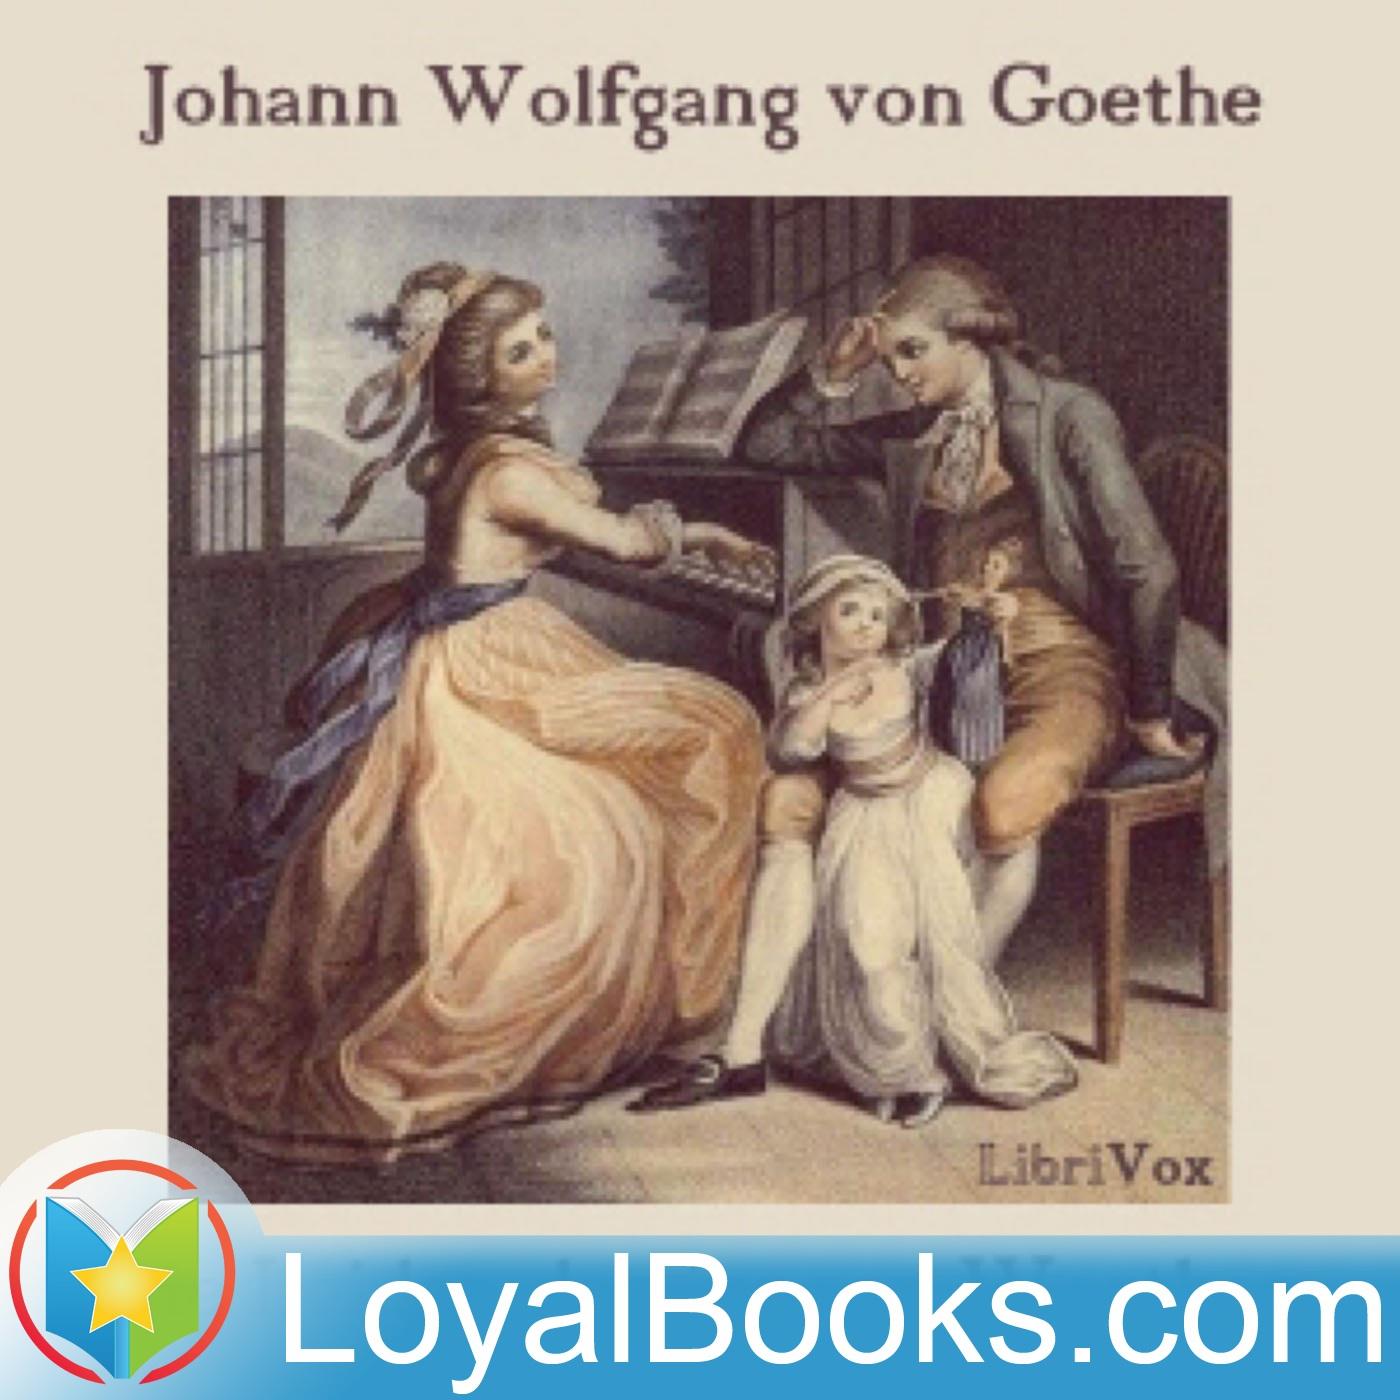 <![CDATA[Die Leiden des jungen Werther by Johann Wolfgang von Goethe]]>